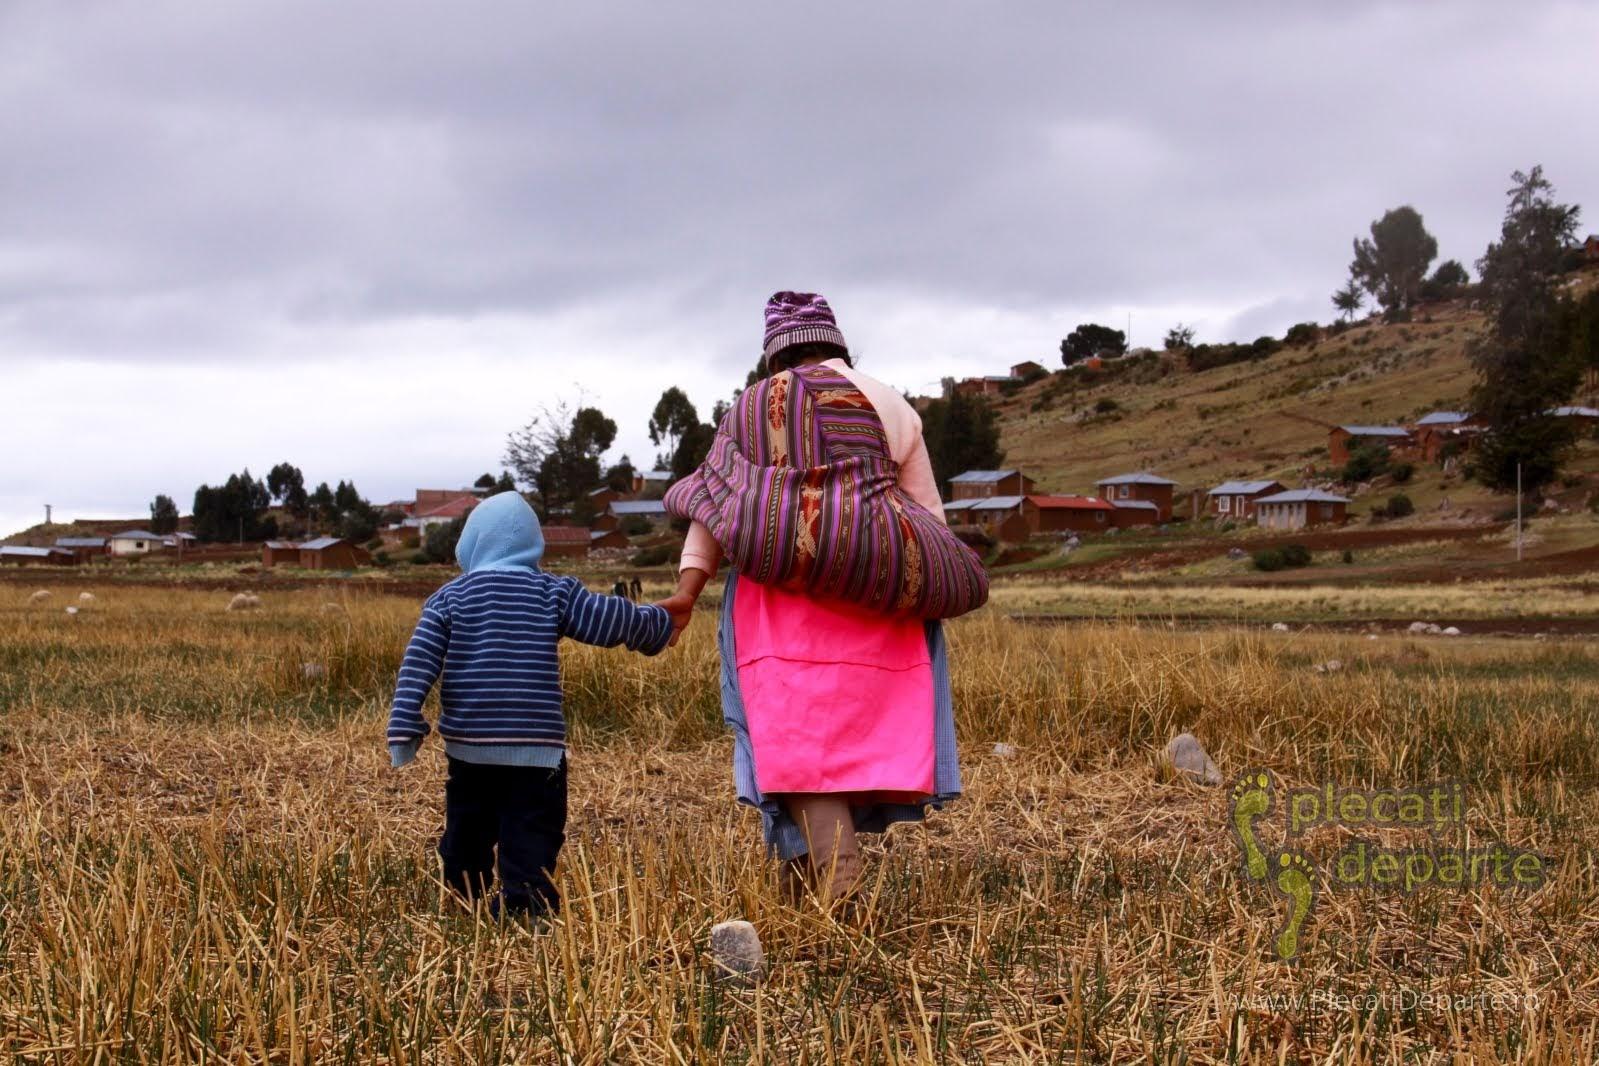 Mama peruana si copii, in Laquina Chico pe malul Lacului Titicaca, la 4000m